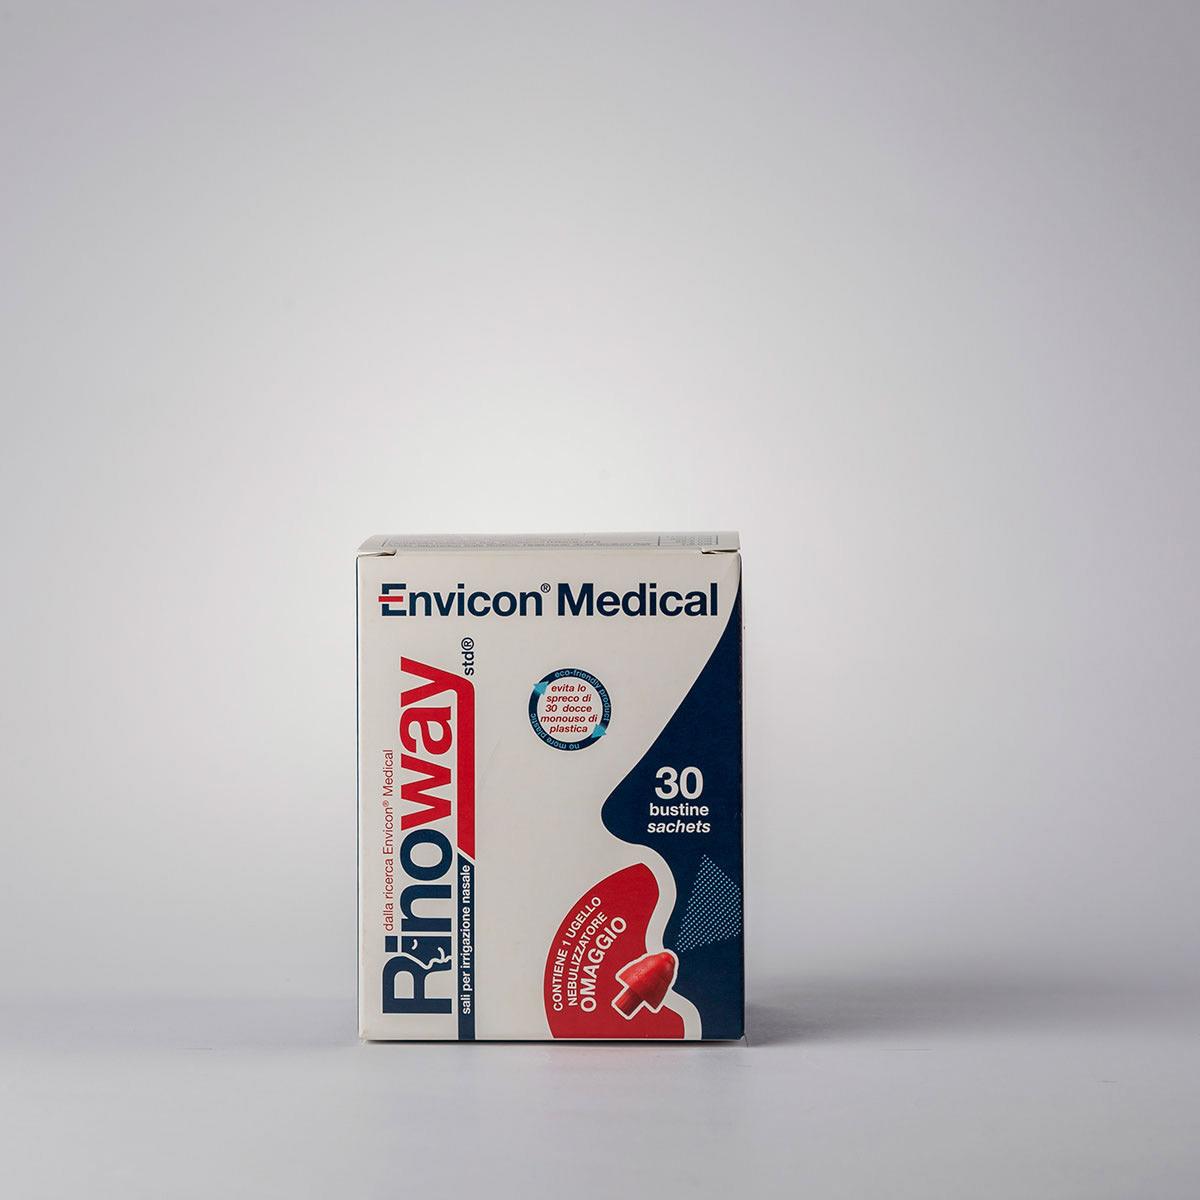 Sali-isotonici-per-lavaggi-nasali-Envicon Medical